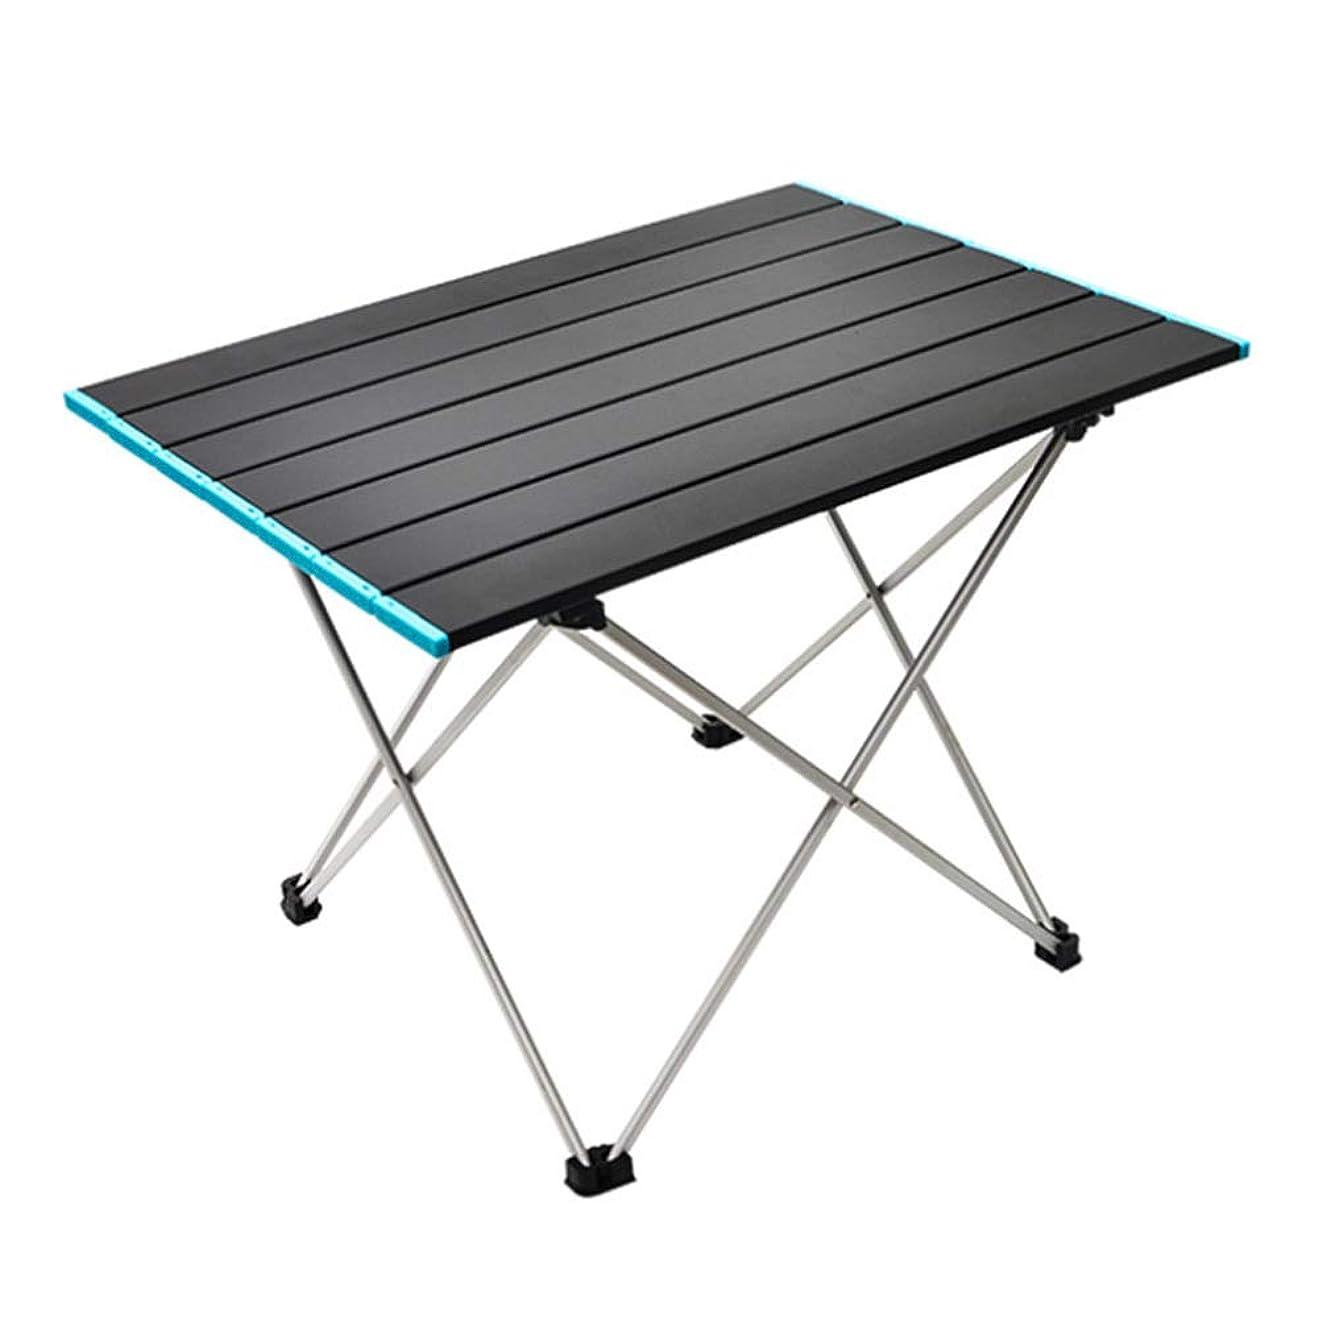 競合他社選手苦情文句解読するseiyishi アウトドアテーブル ロールテーブル 折り畳み式テーブル アルミ製 ロール式天板 アウトドアキャンプ コンパクト 軽量 耐荷重30kg 収納袋付き キャンプ テーブル SY-HWZ-02